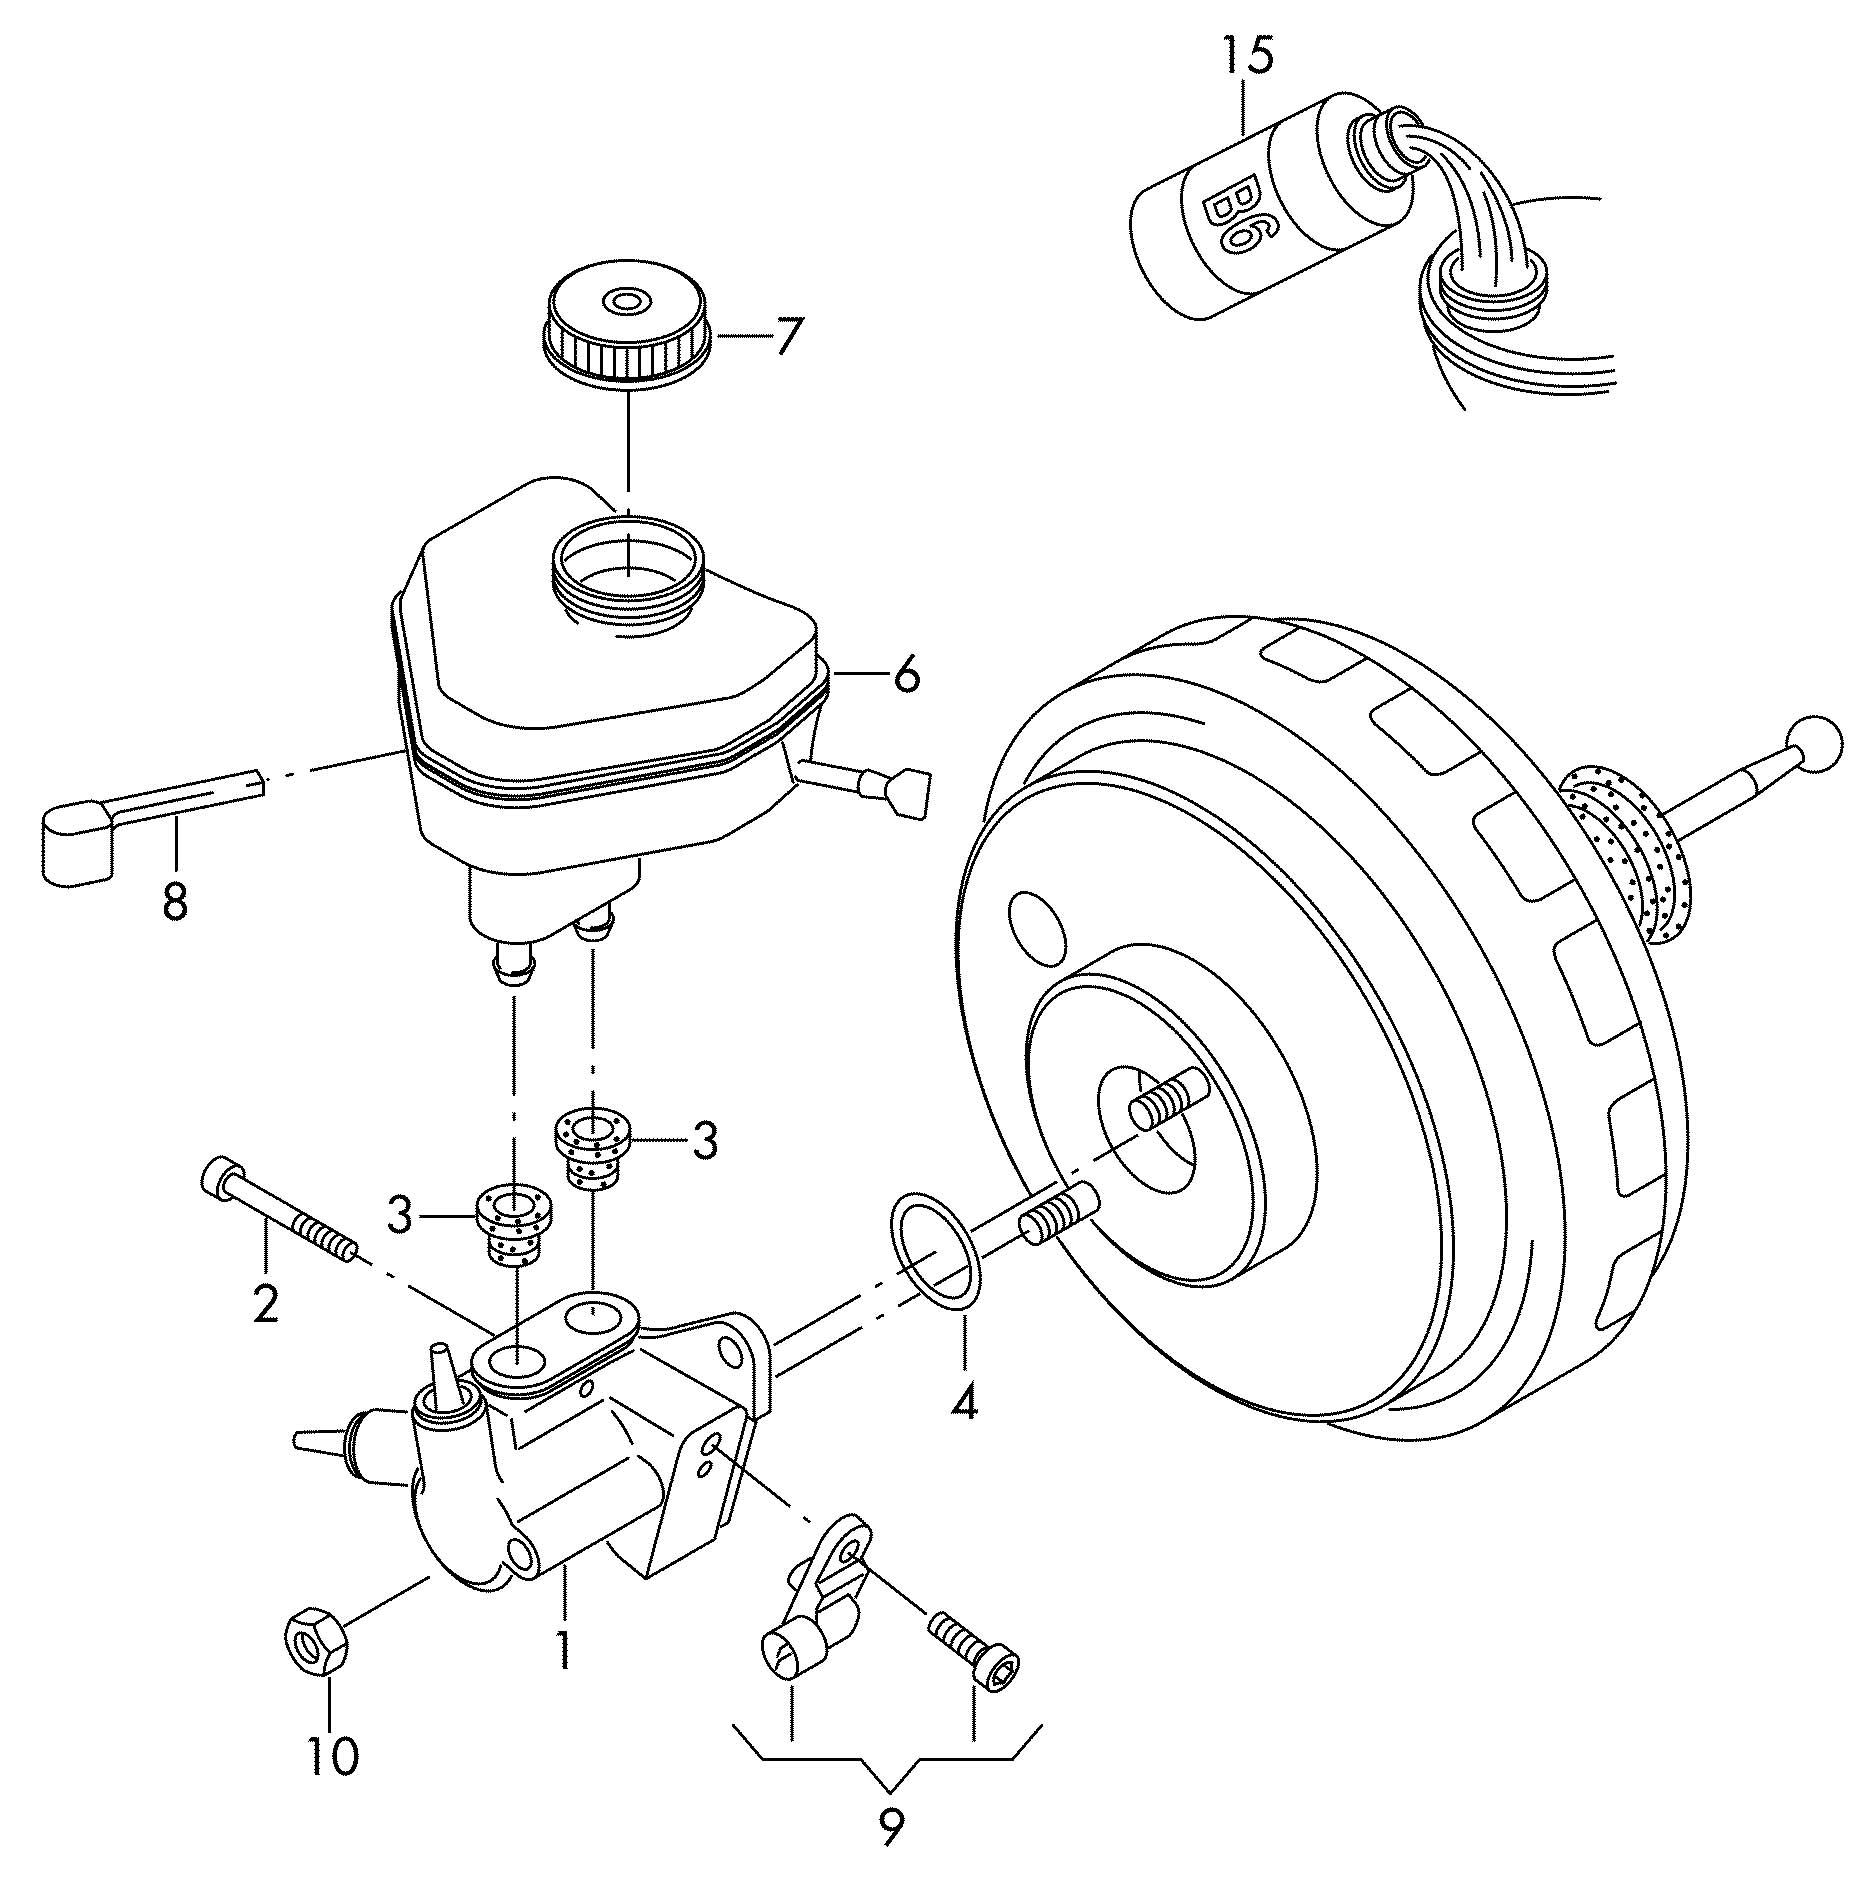 2012 Volkswagen Touareg Tandem master cylinder